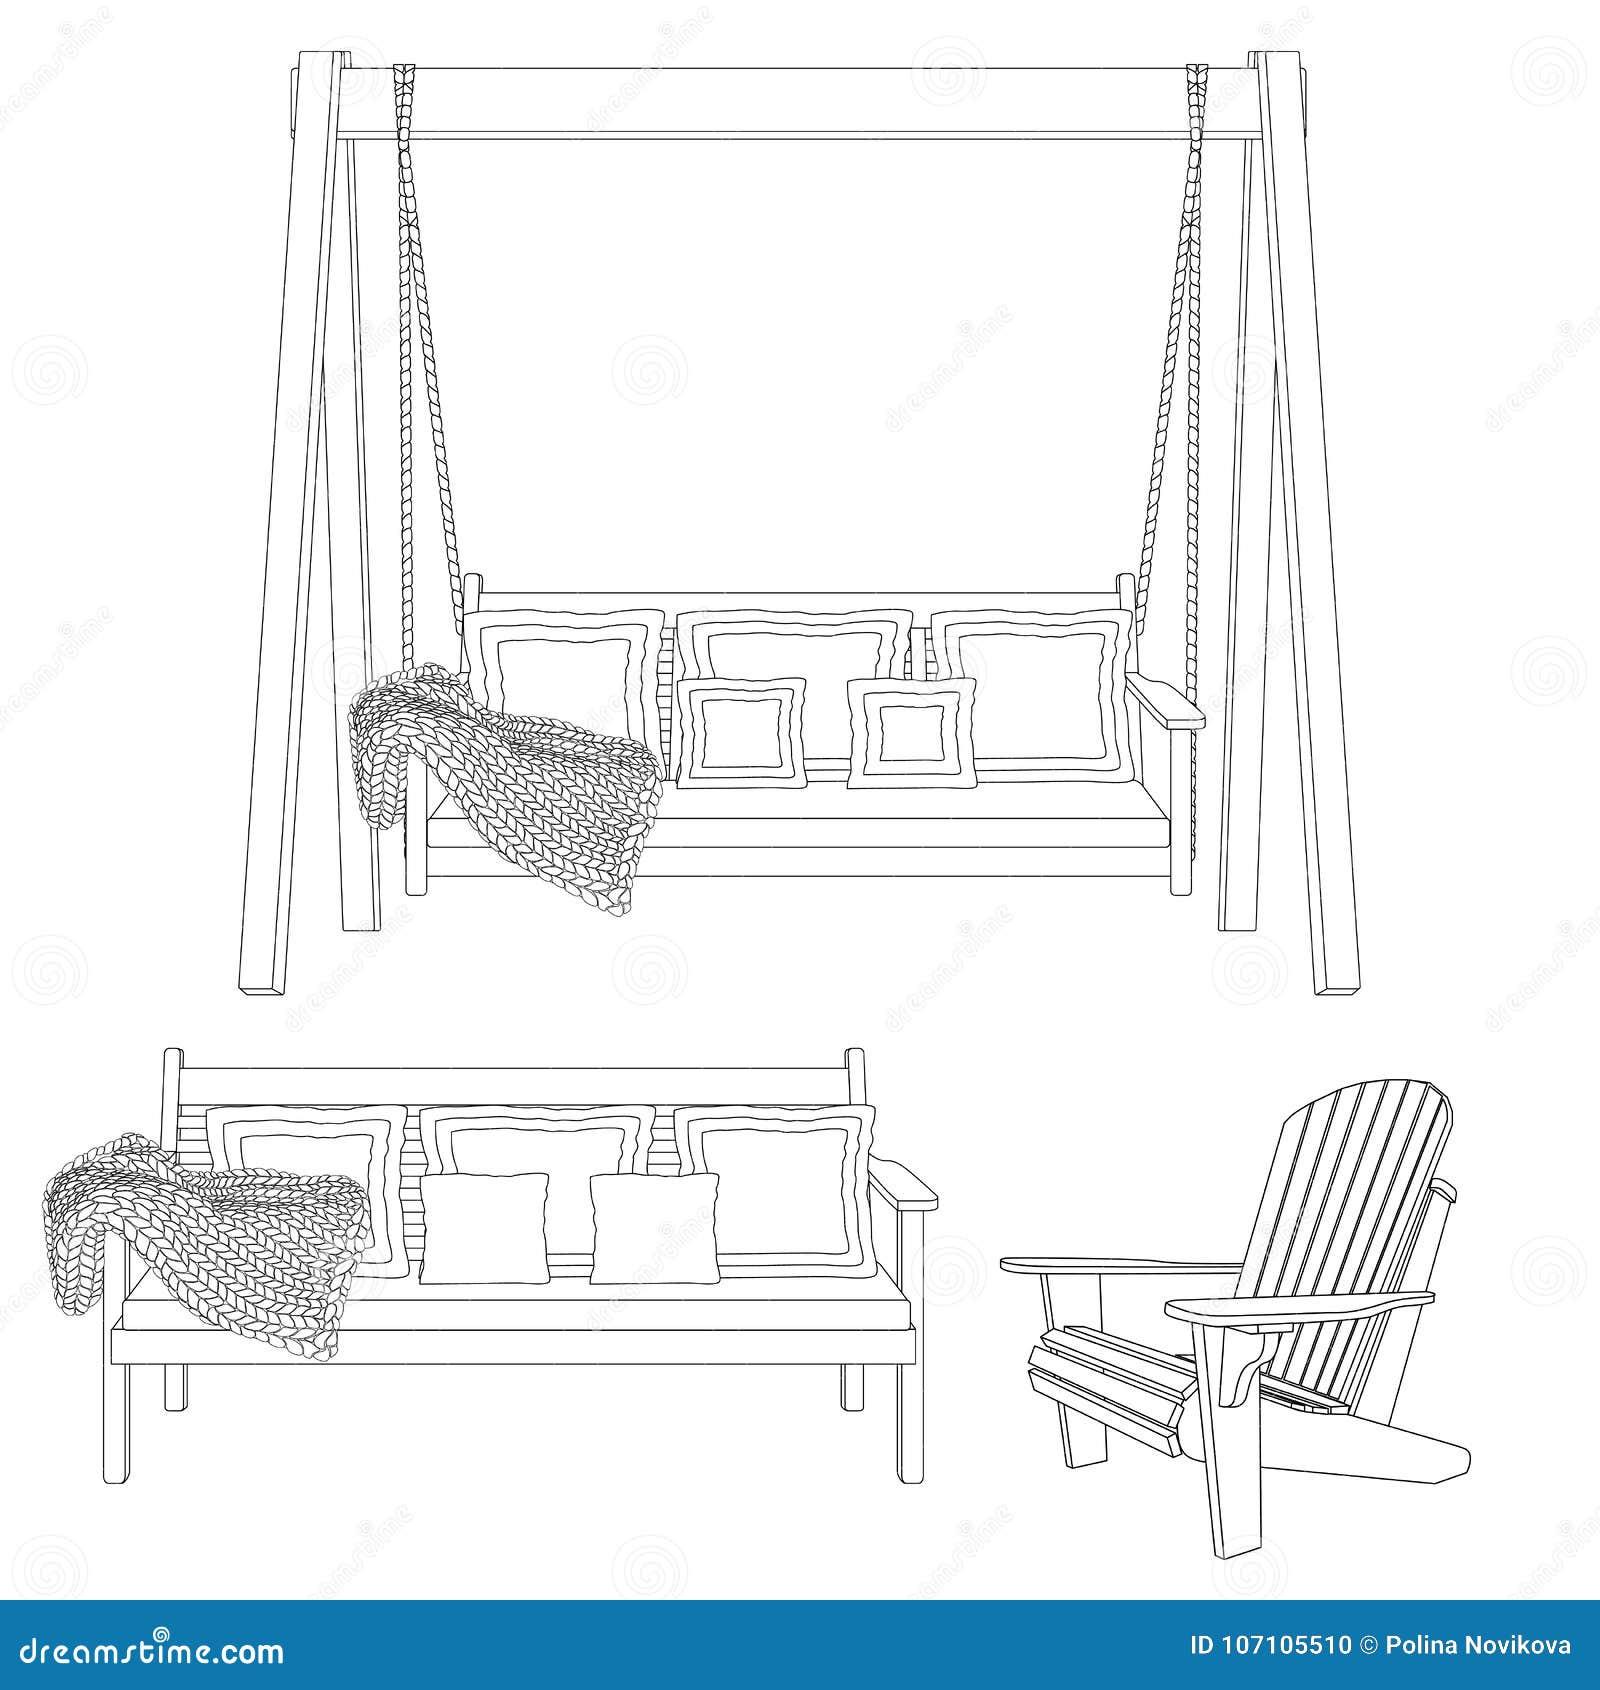 Muebles de madera clásicos al aire libre - silla del oscilación, del banco y del adirondack Ejemplo del esquema en el fondo blanc